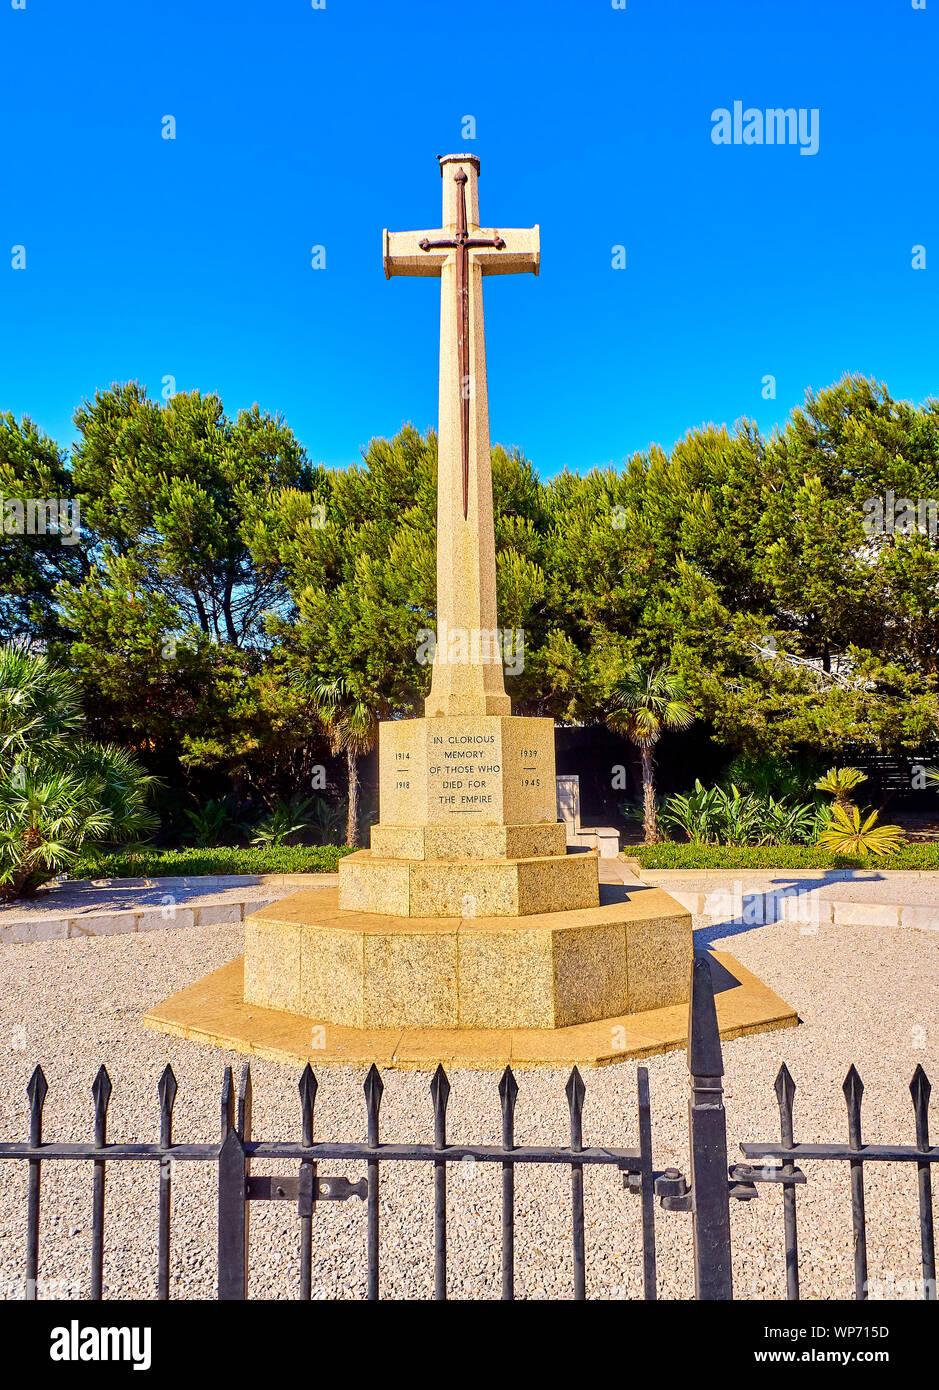 Cruz de sacrificio. Un monumento conmemorativo de la guerra en el Territorio Británico de Ultramar de Gibraltar. En el Reino Unido. Foto de stock